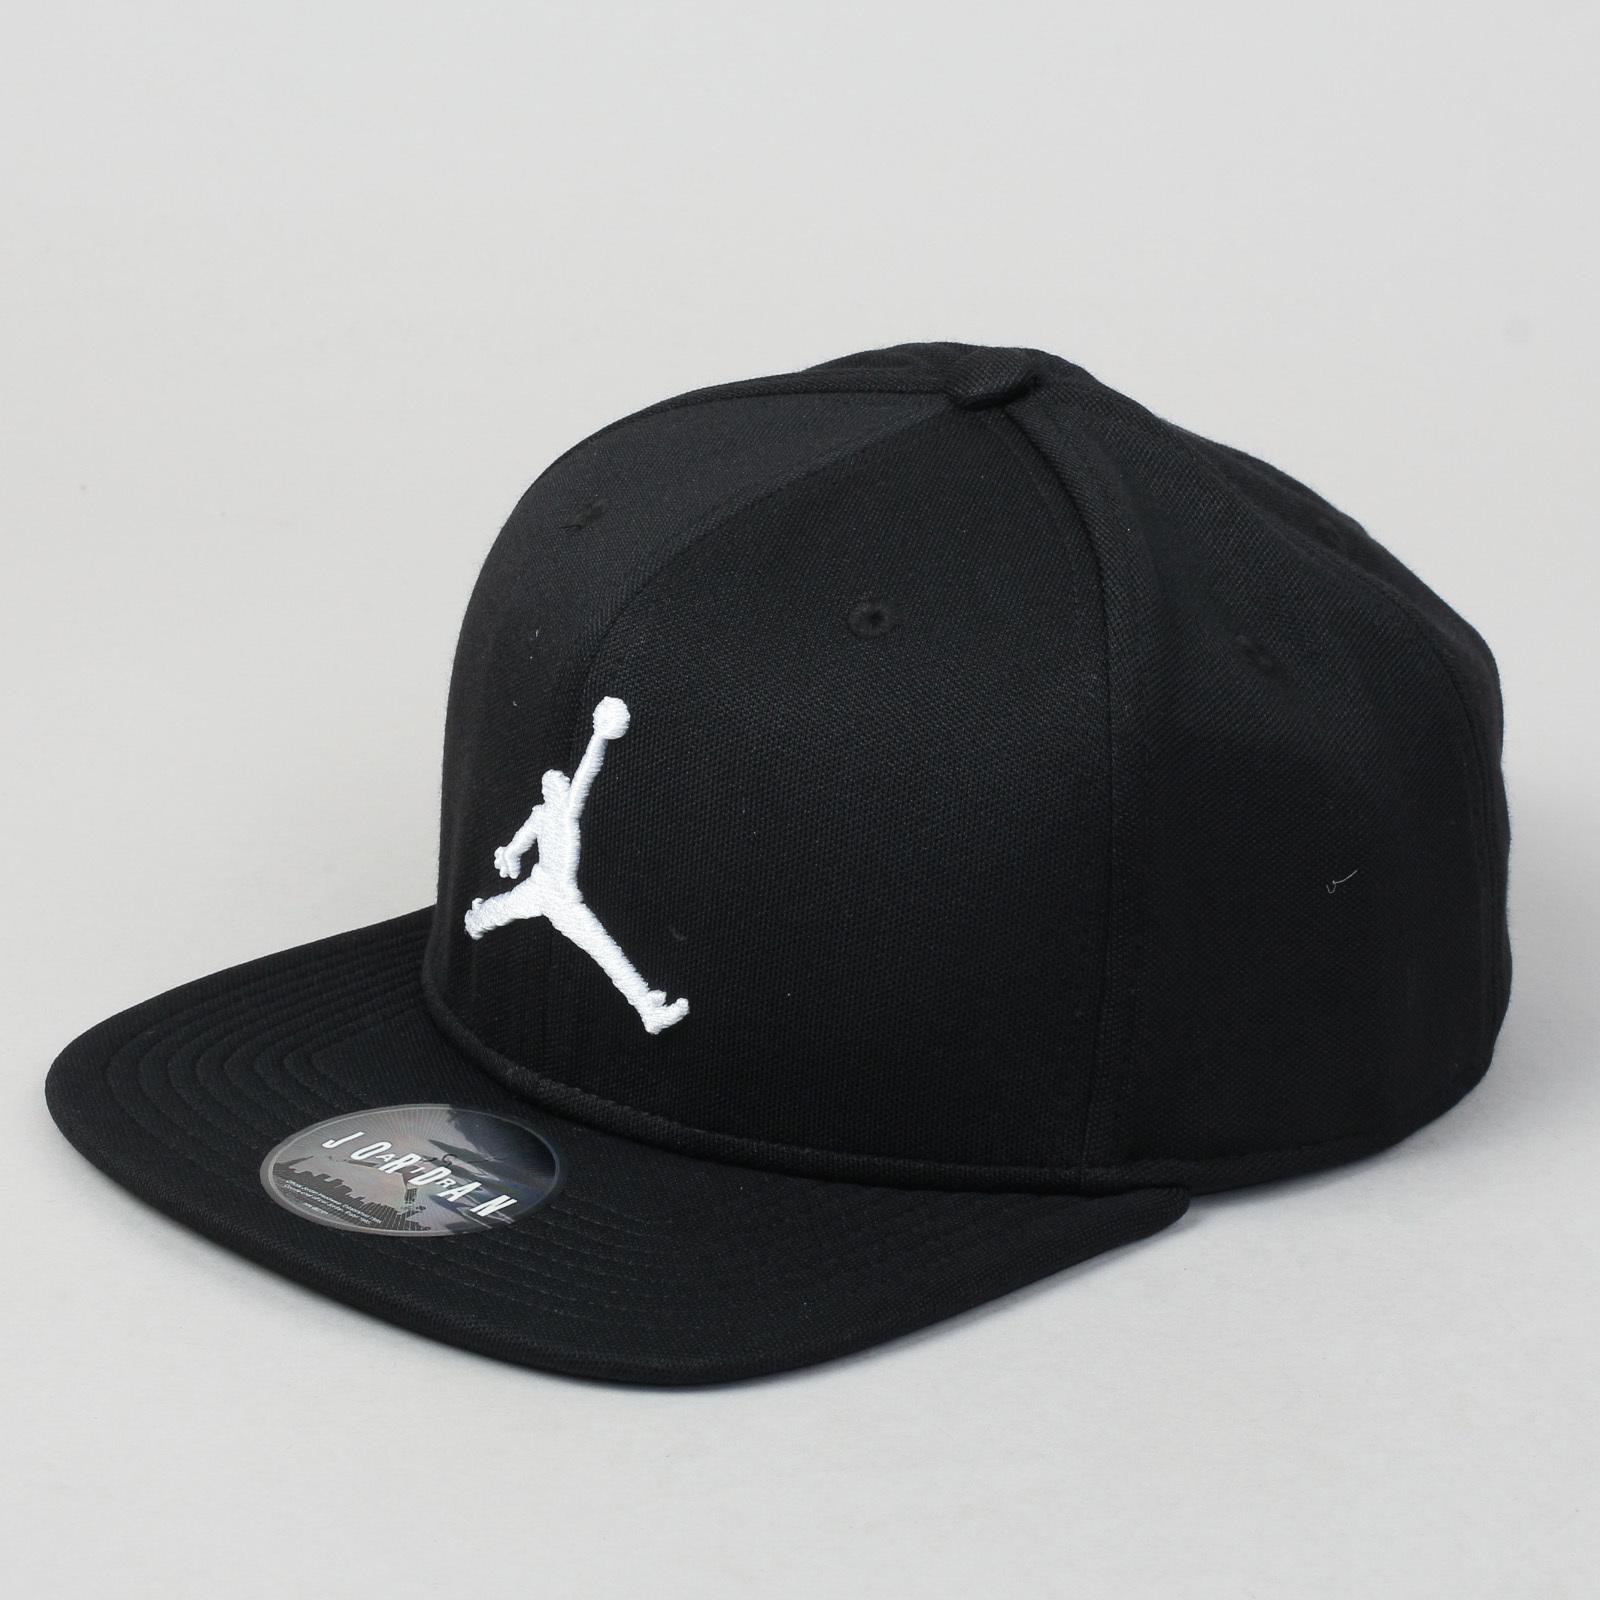 Jordan Jumpman Snapback černá   bílá - Glami.cz 5221f757cc